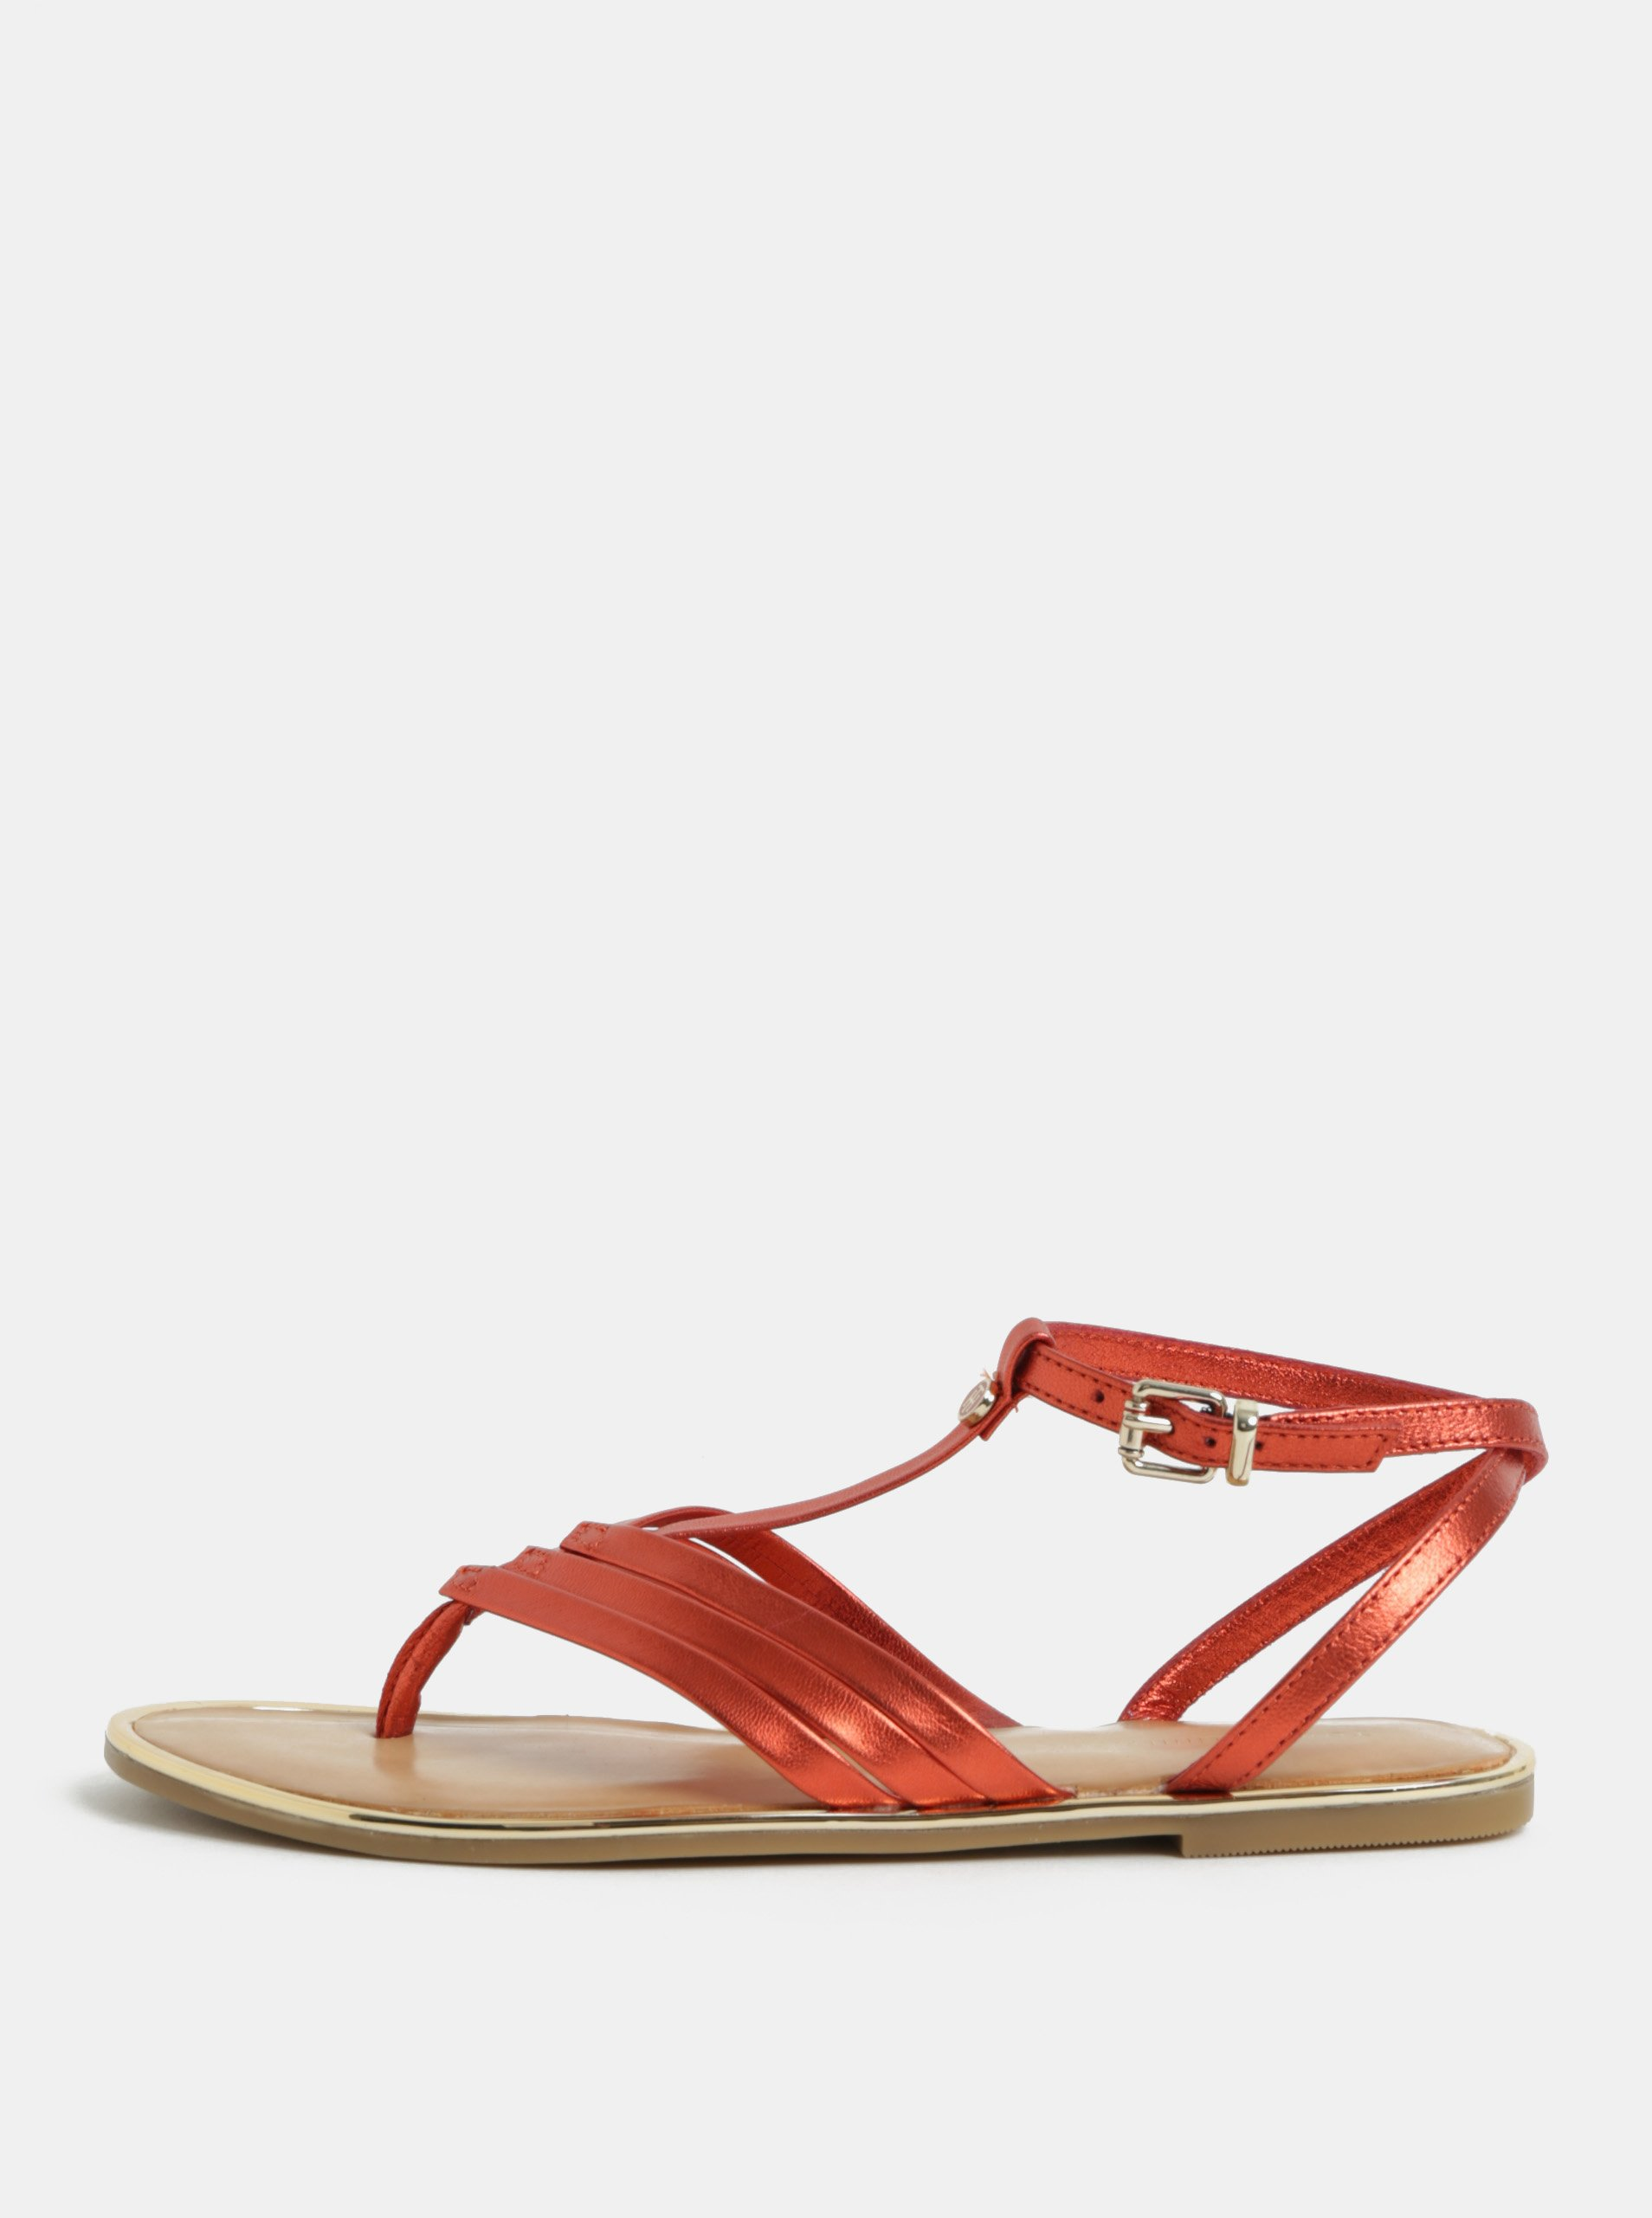 80978de499 Červené dámske kožené sandále Tommy Hilfiger